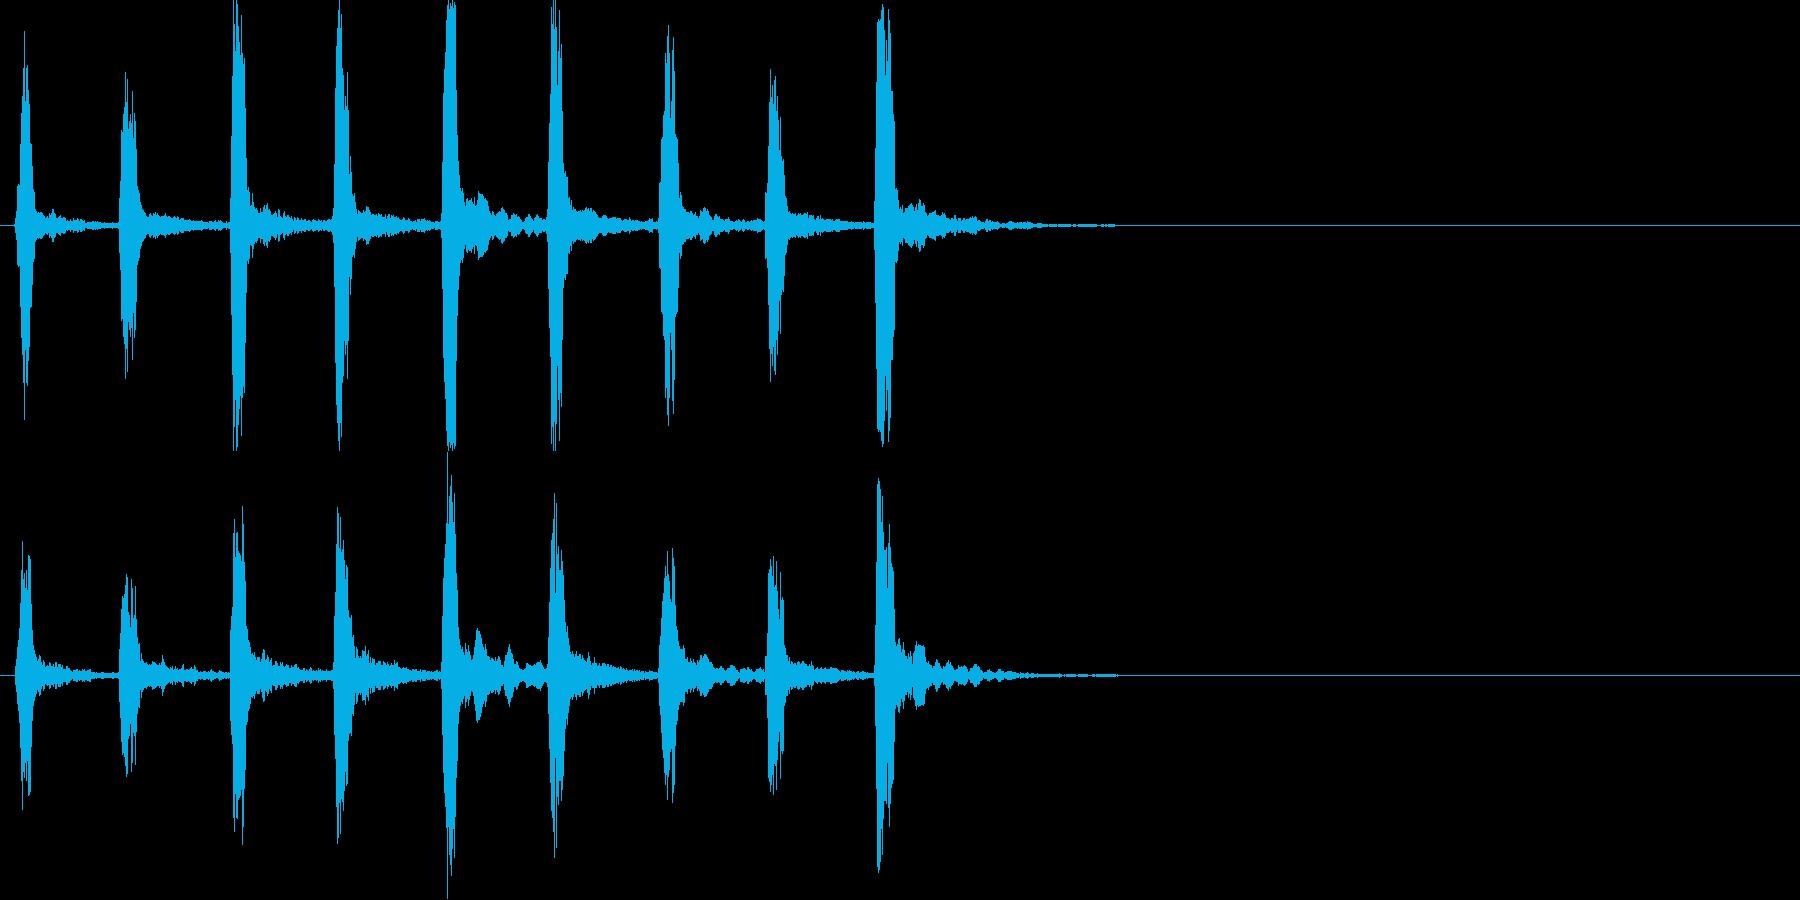 キィッキィッ!(バイオリン怖い刻み)速めの再生済みの波形